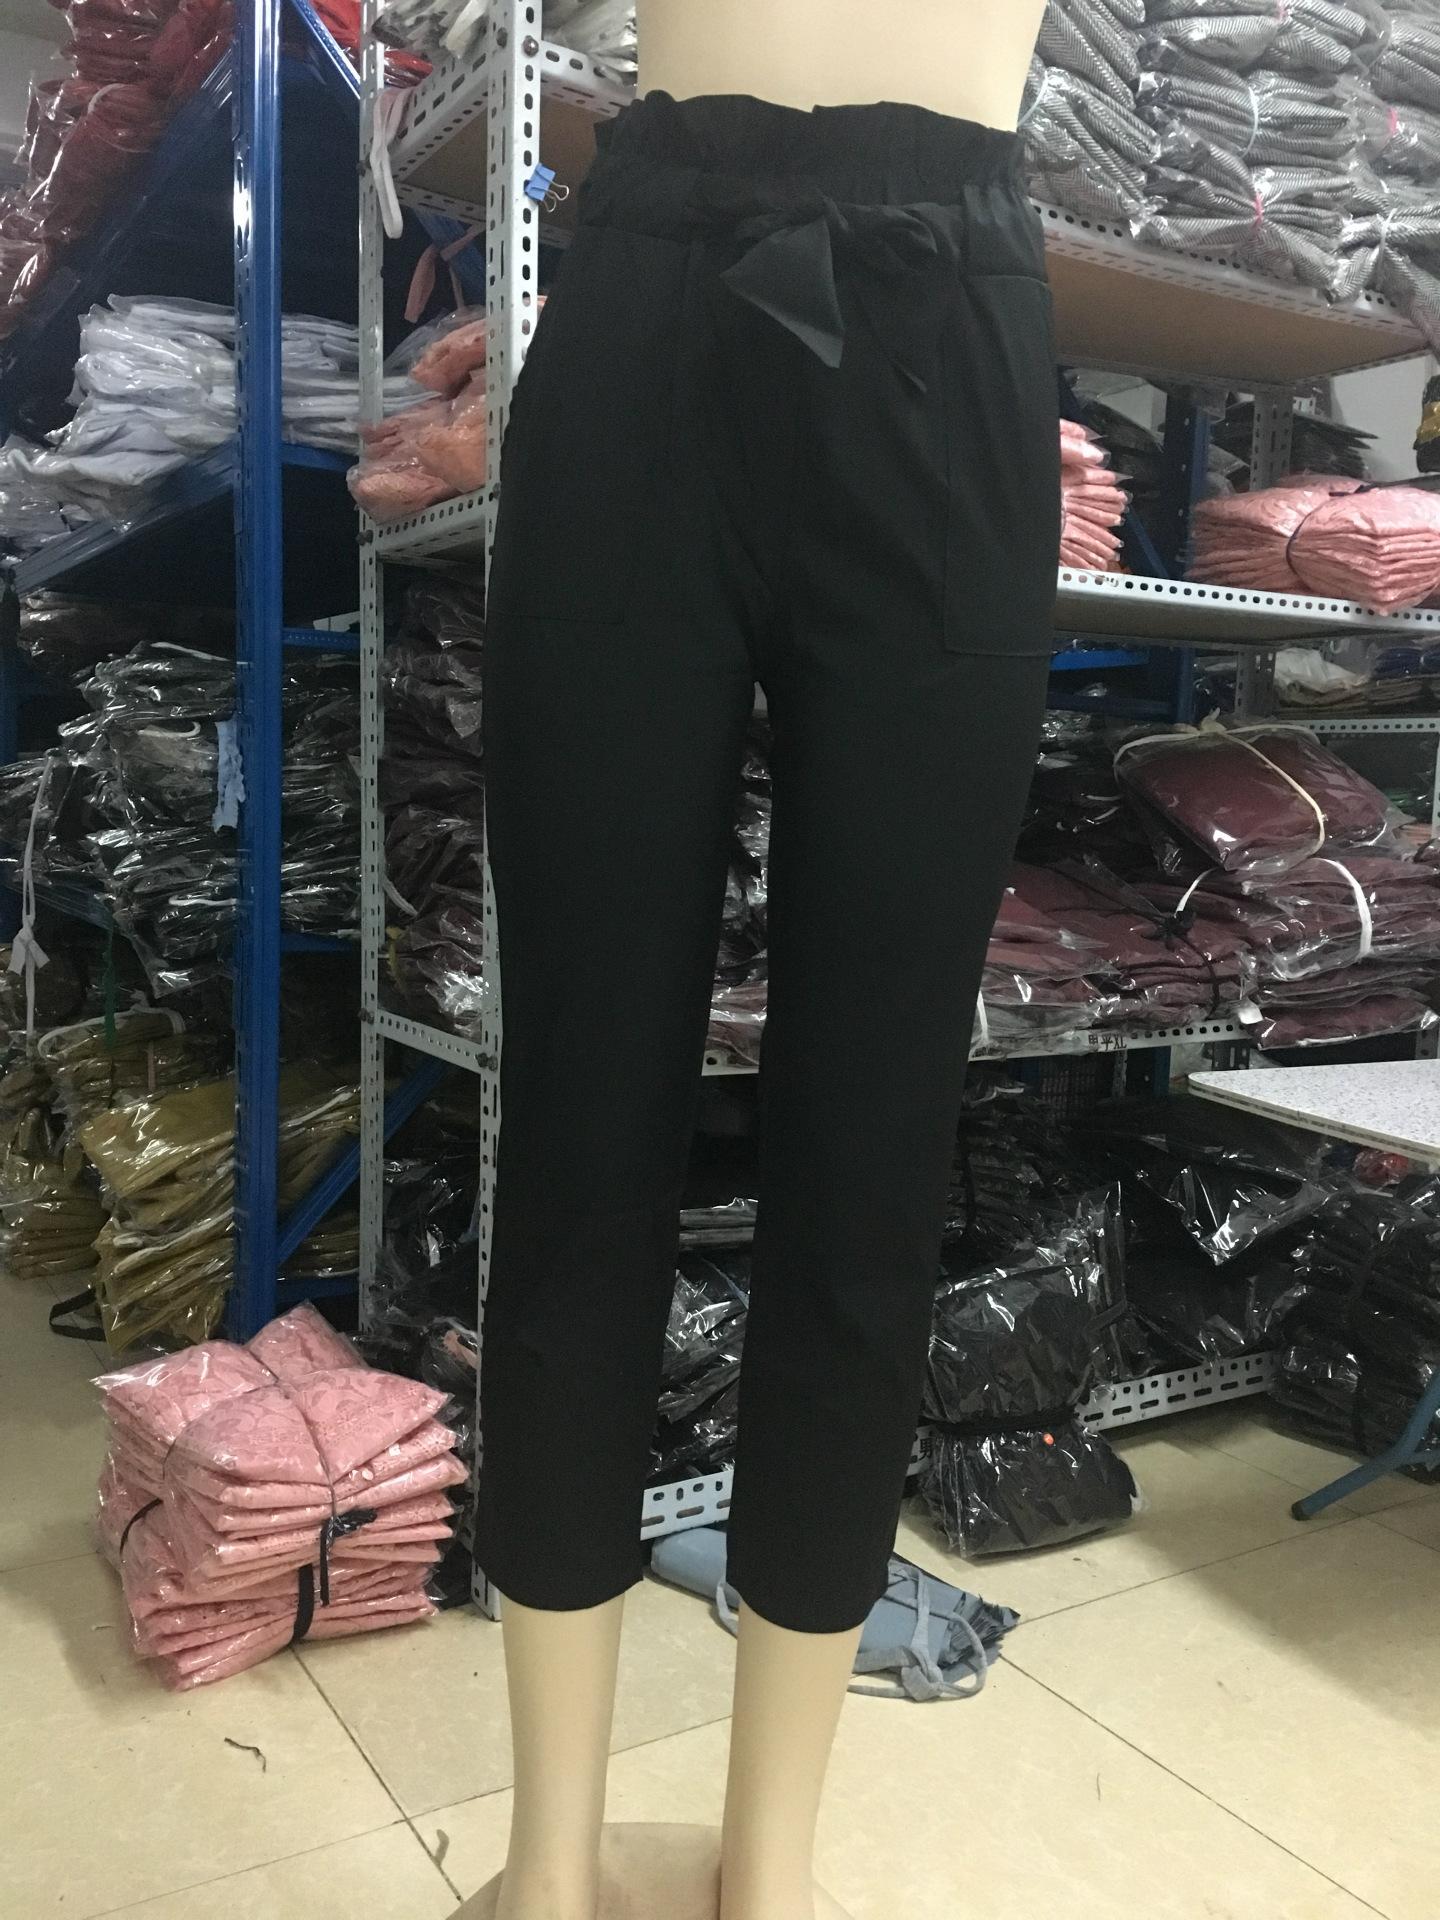 HTB1laojOFXXXXcnapXXq6xXFXXXe - Fashion Ruffle Waist Pencil Pants with Belt PTC 142